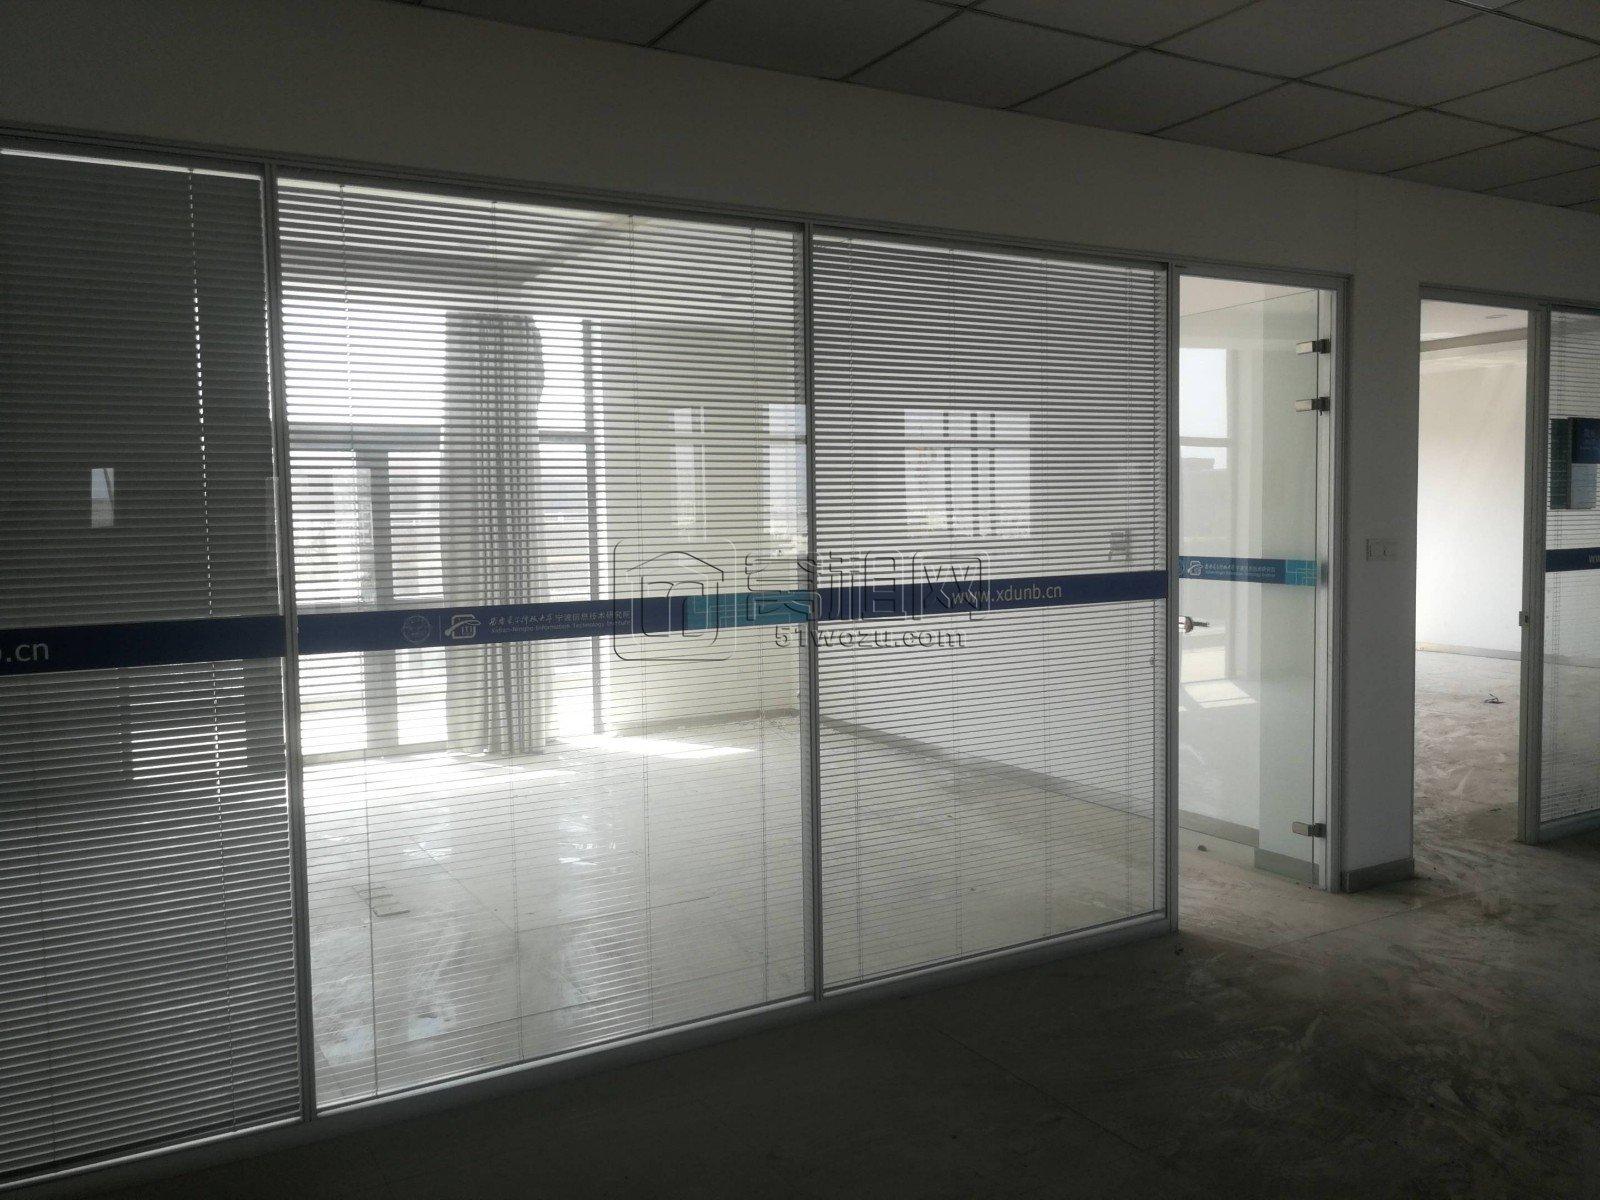 宁波大学国家大学科技园创e慧谷别墅区42号楼9